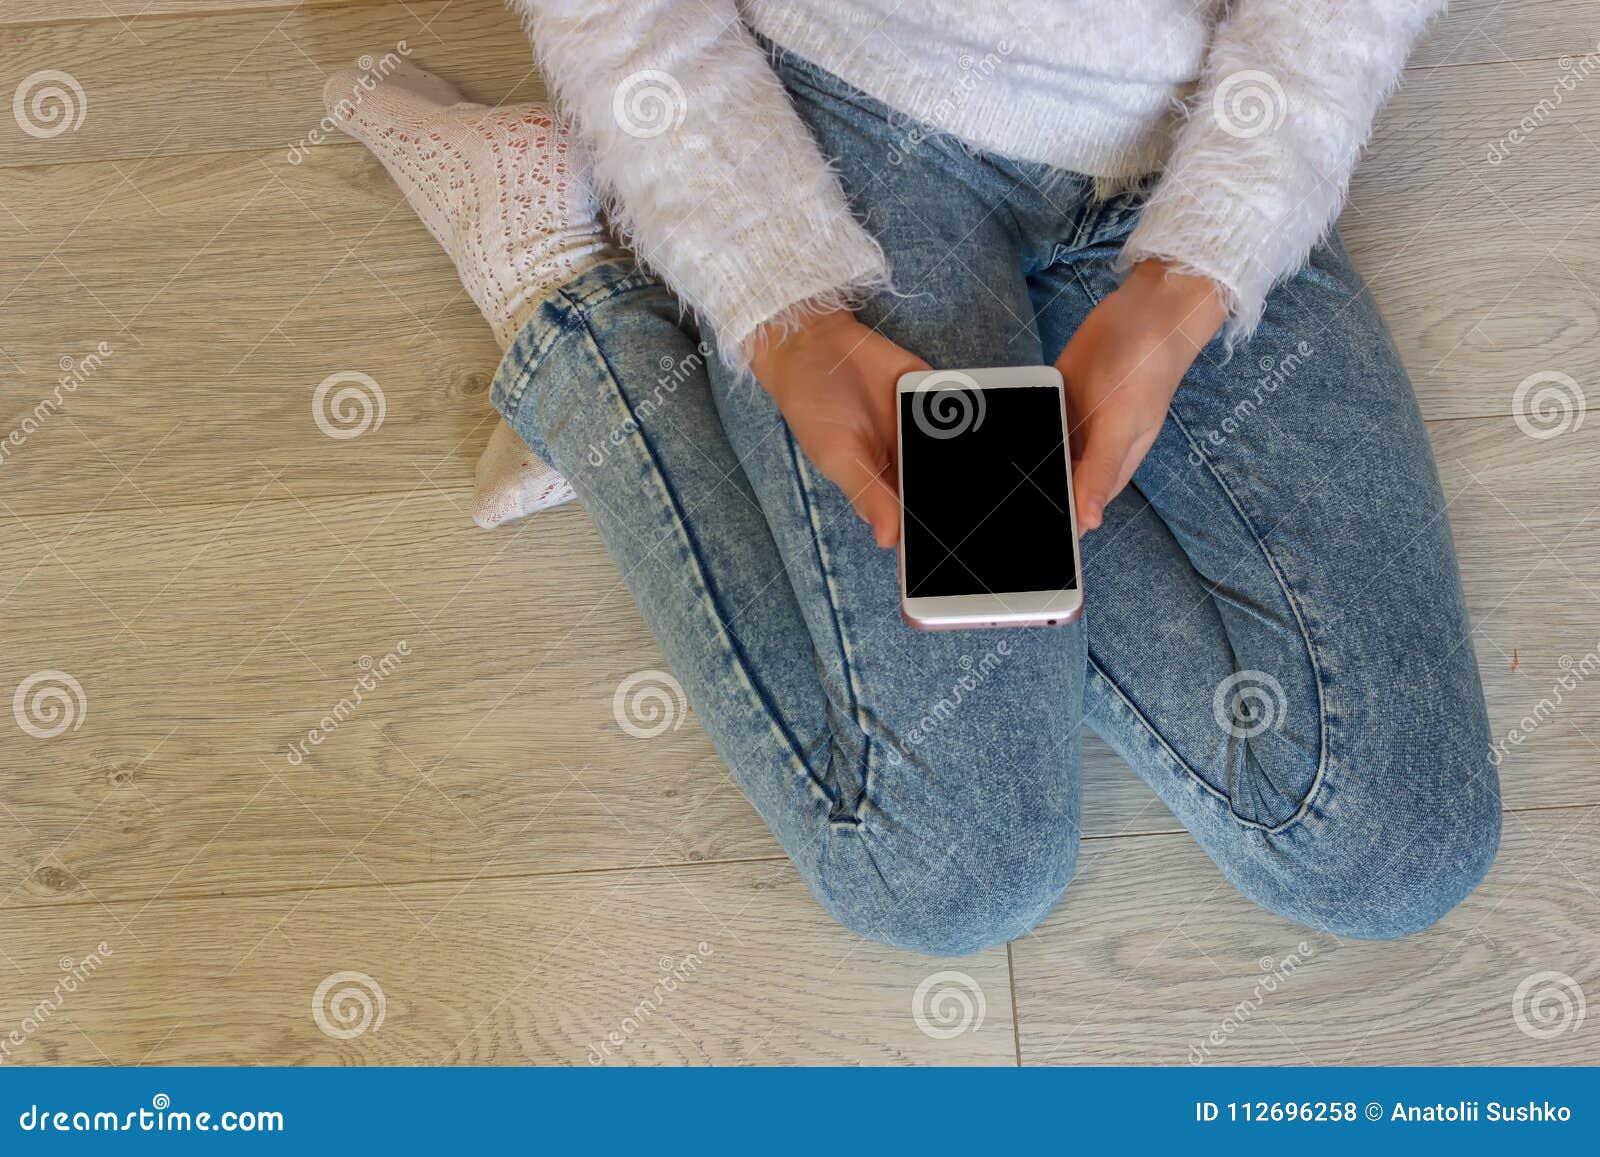 Handen van een meisje die een mobiele telefoon houden tieners innovatief tel.